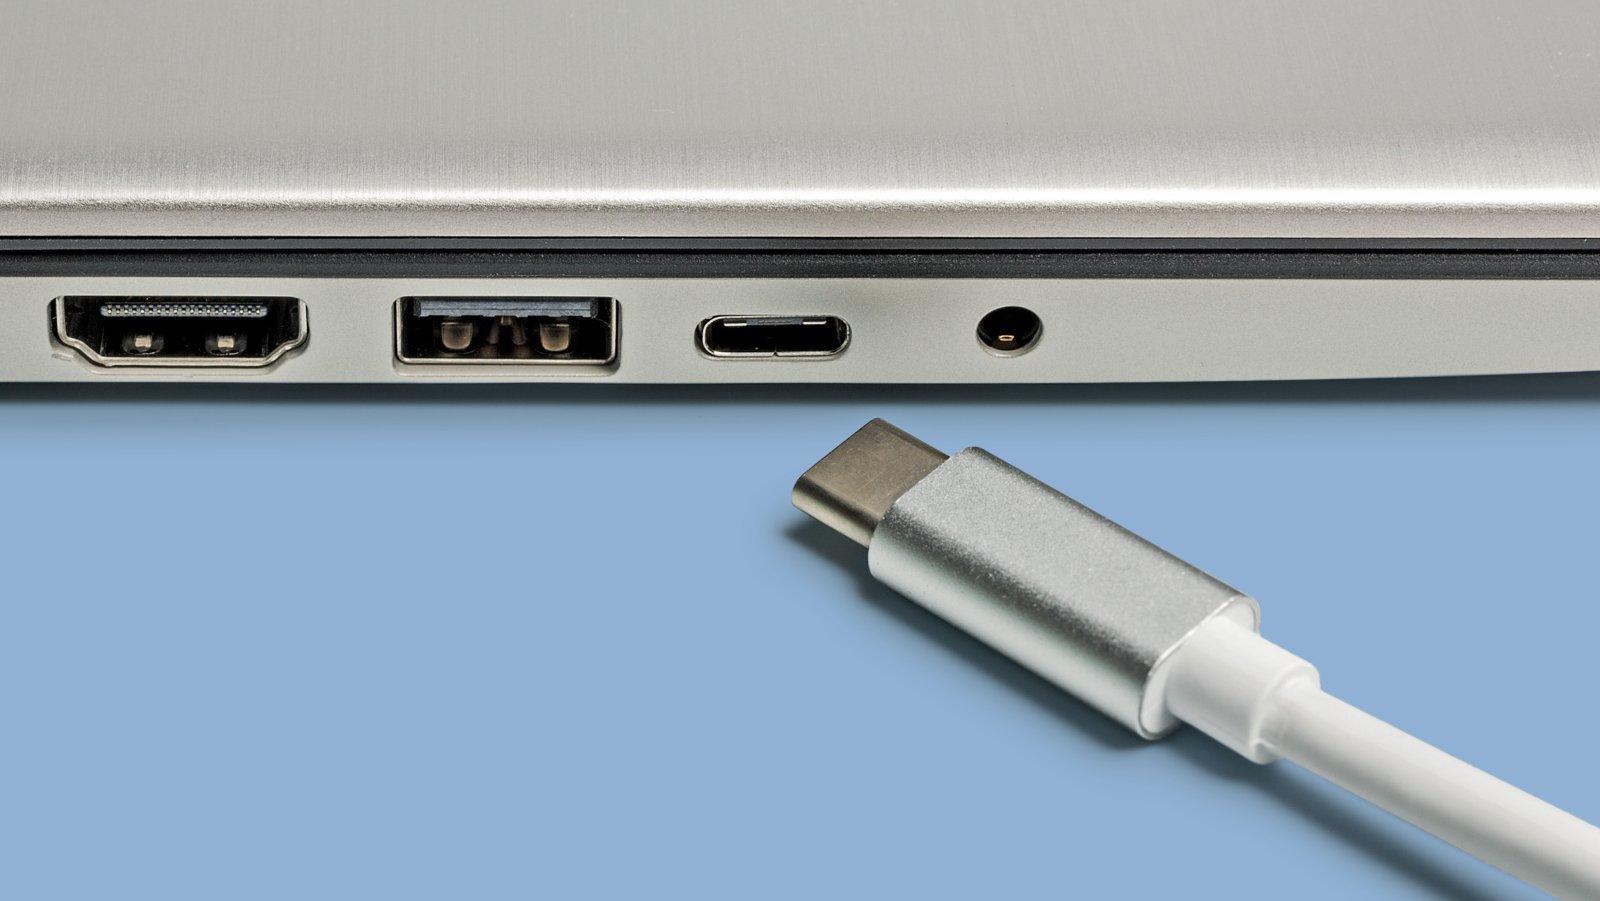 Smartphone-Ladekabel mit wendbarem Micro-USB-Stecker | heise online